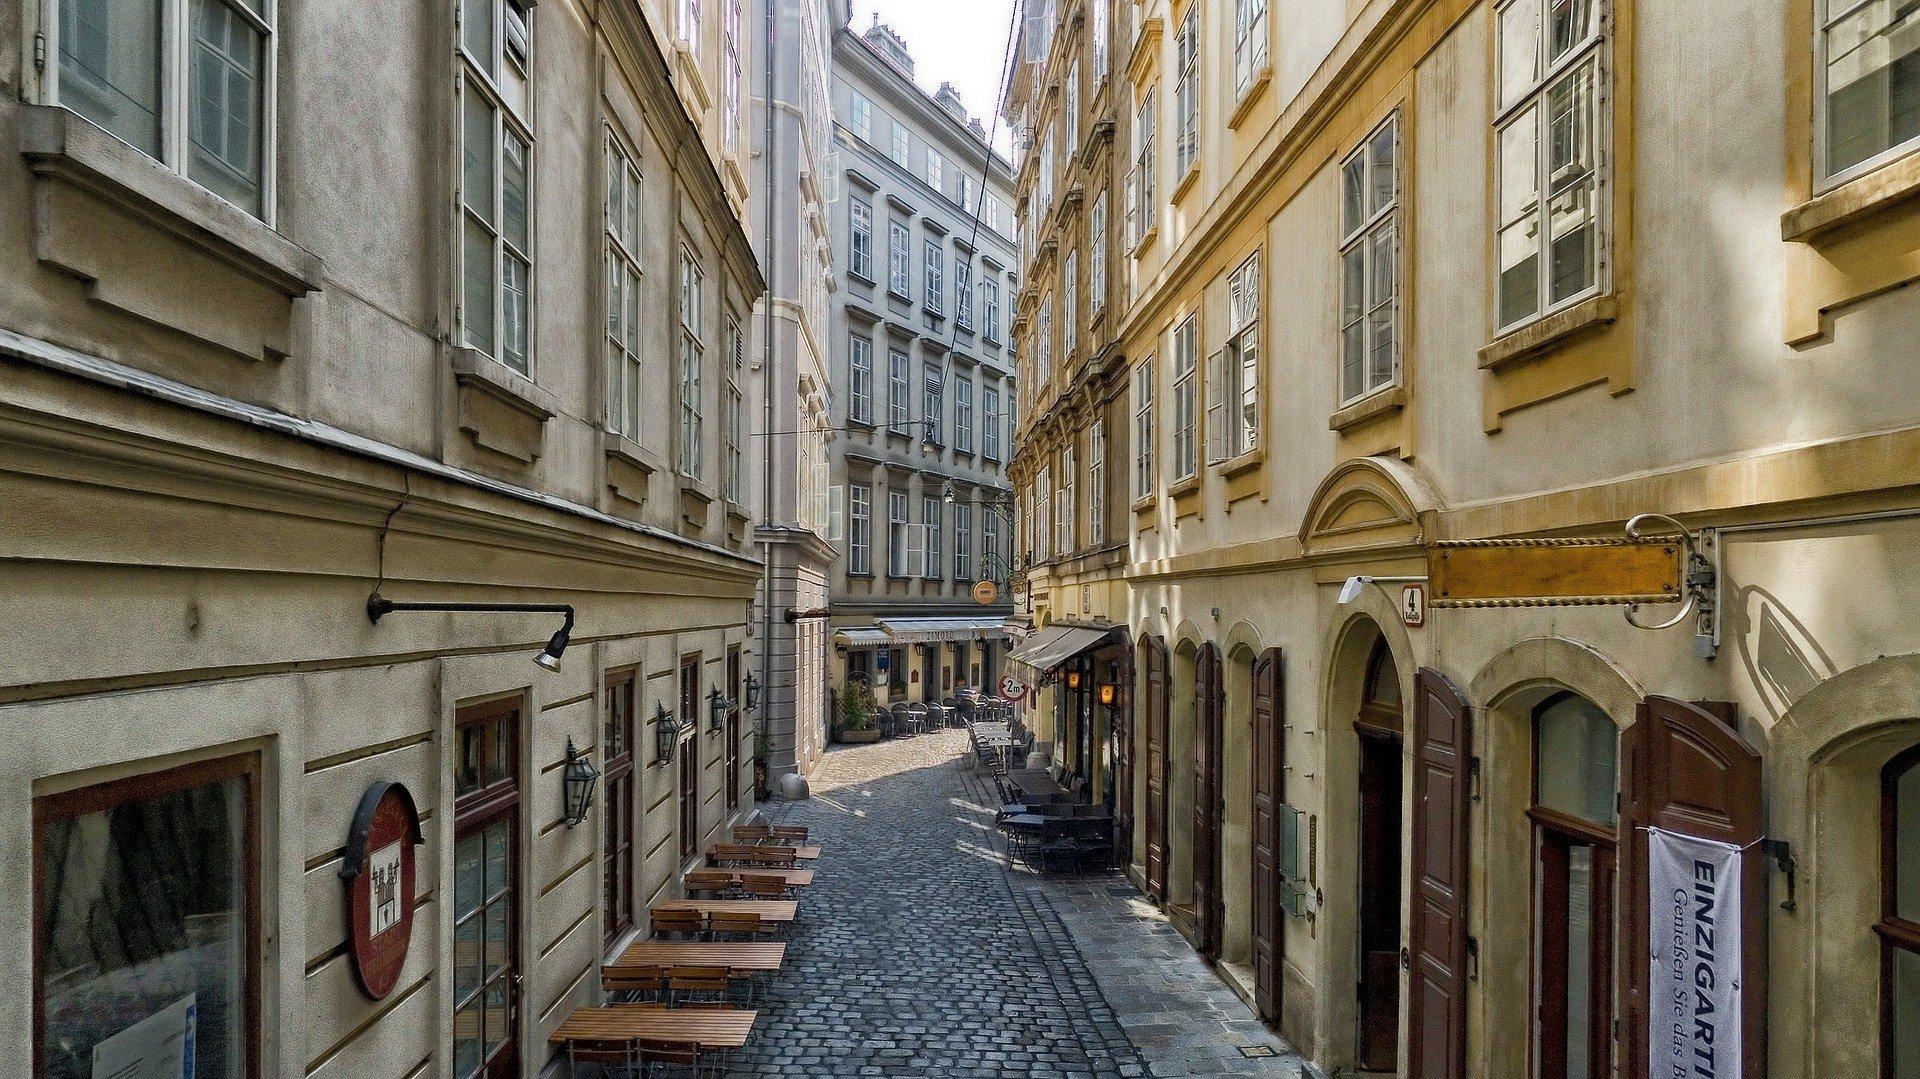 Innere Stadt, Vienna